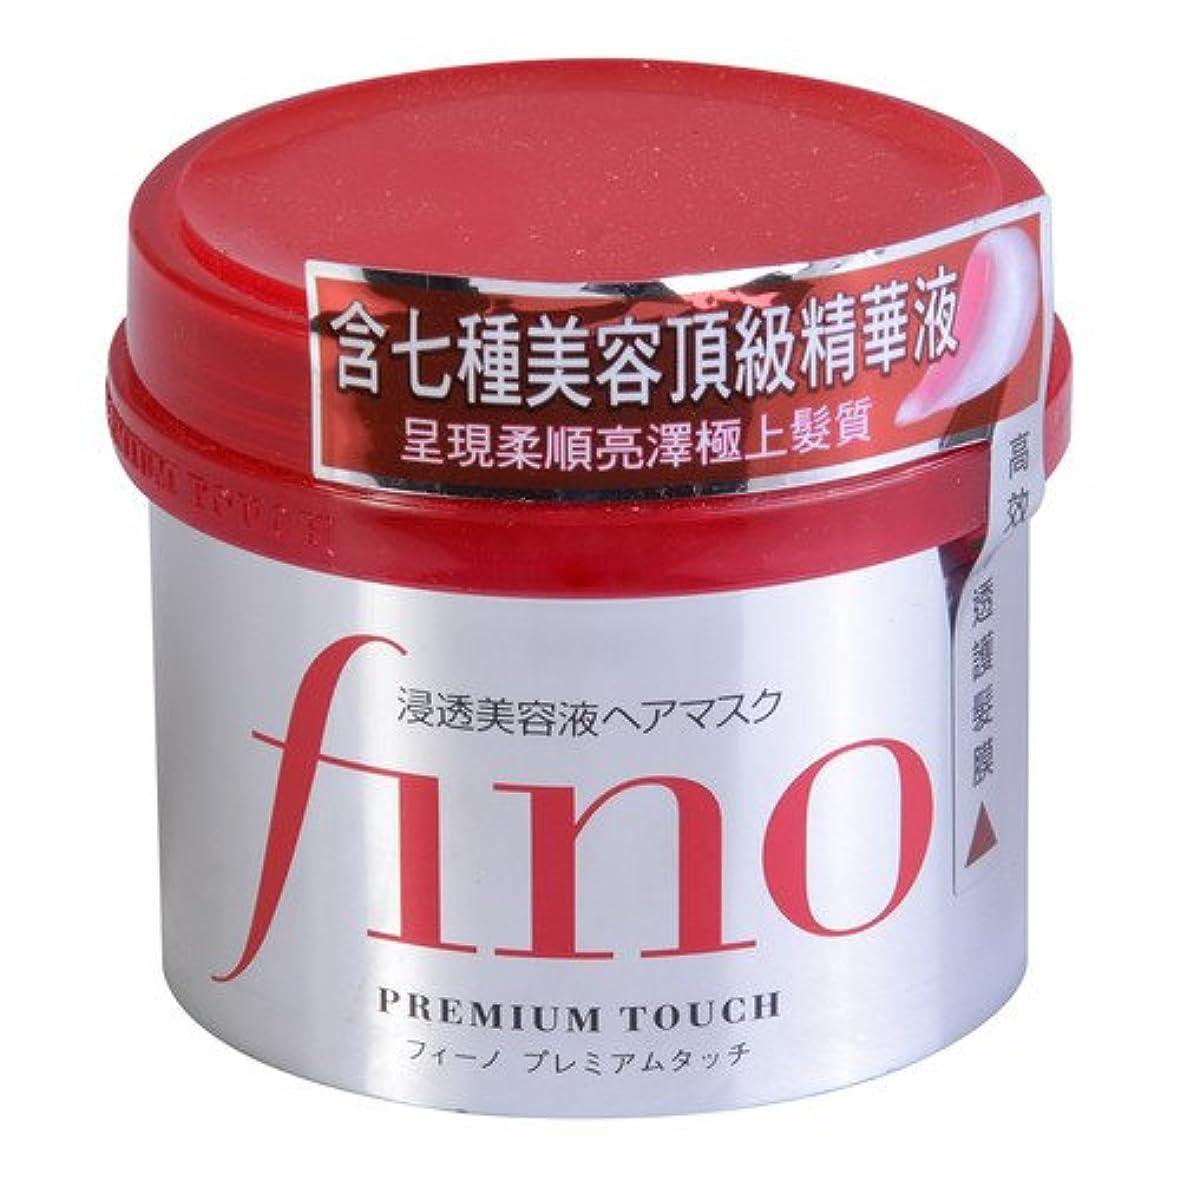 に関して失望させる再集計フィーノ プレミアムタッチ 浸透美容液ヘアマスク230g